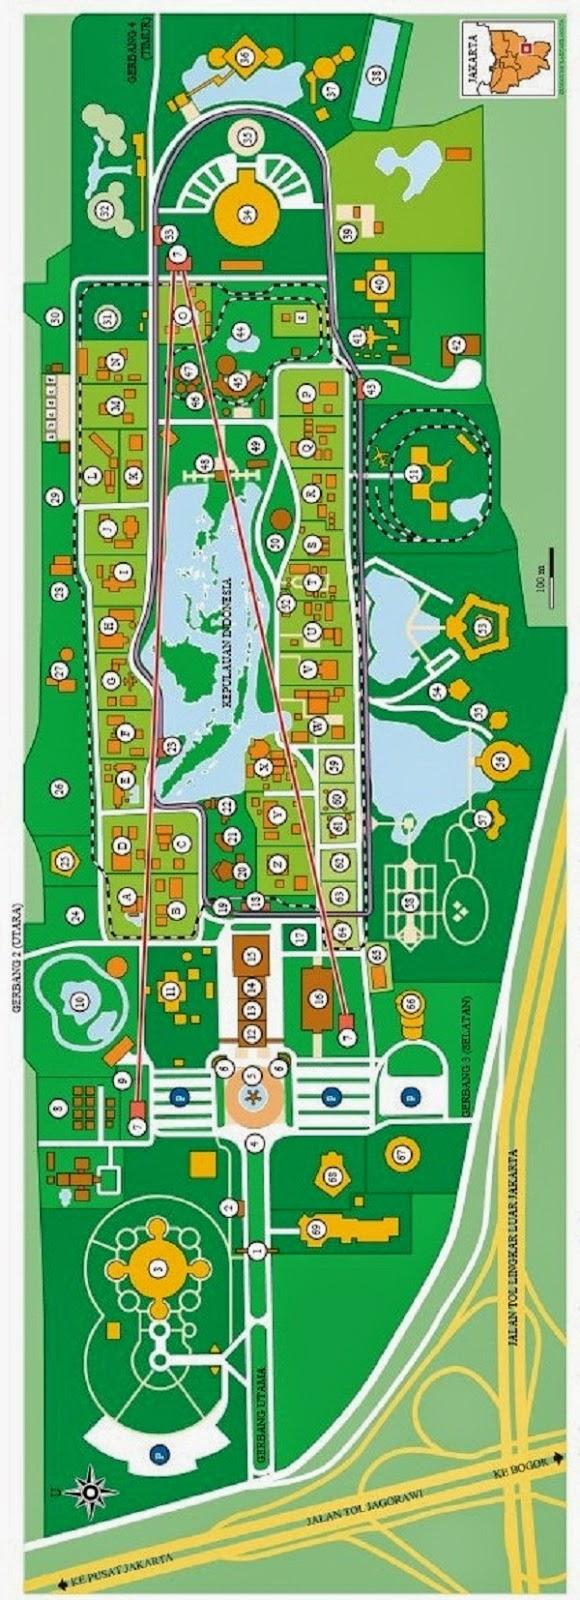 Peta Panduan Wisata Taman Mini Indonesia Indah | TMII